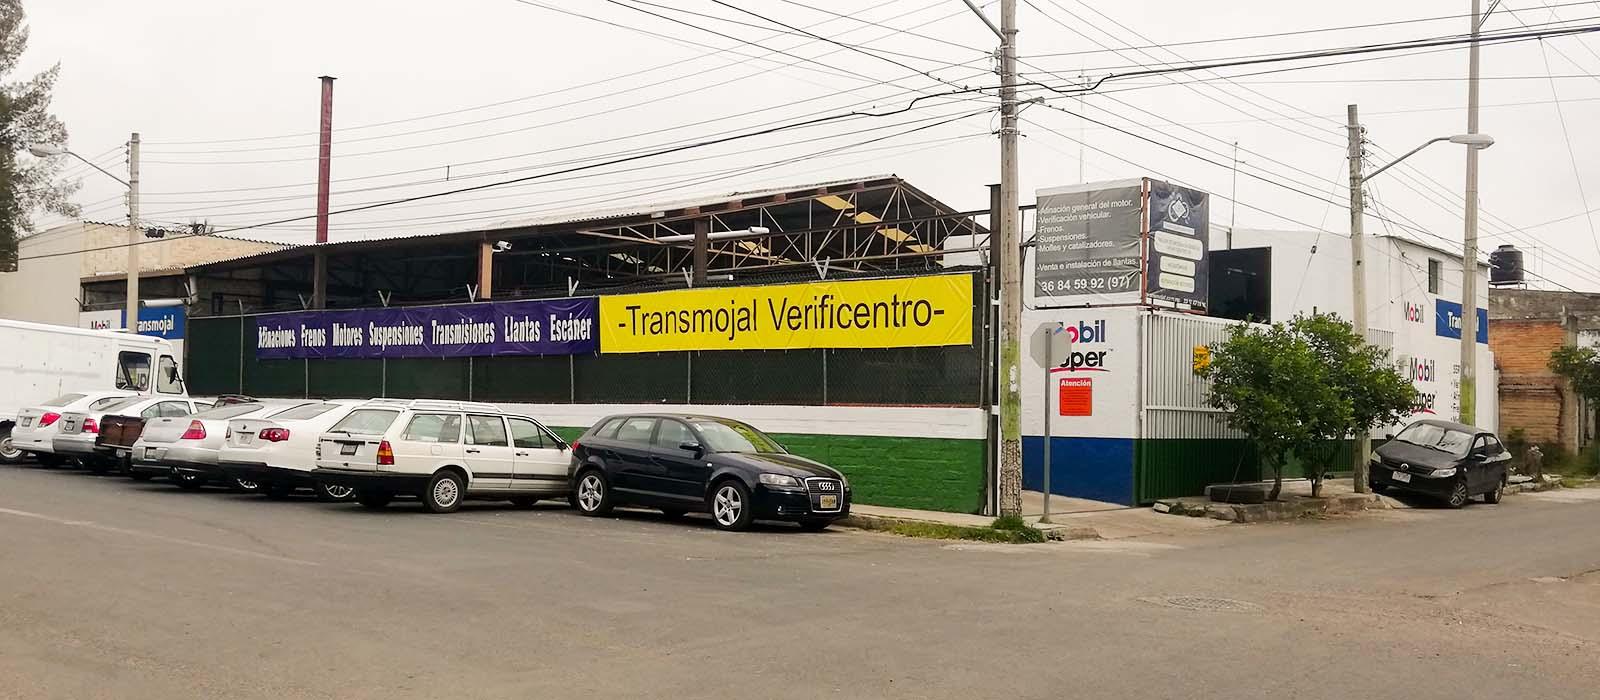 Taller Mecánico y Verificentro en Zapopan Guadalajara